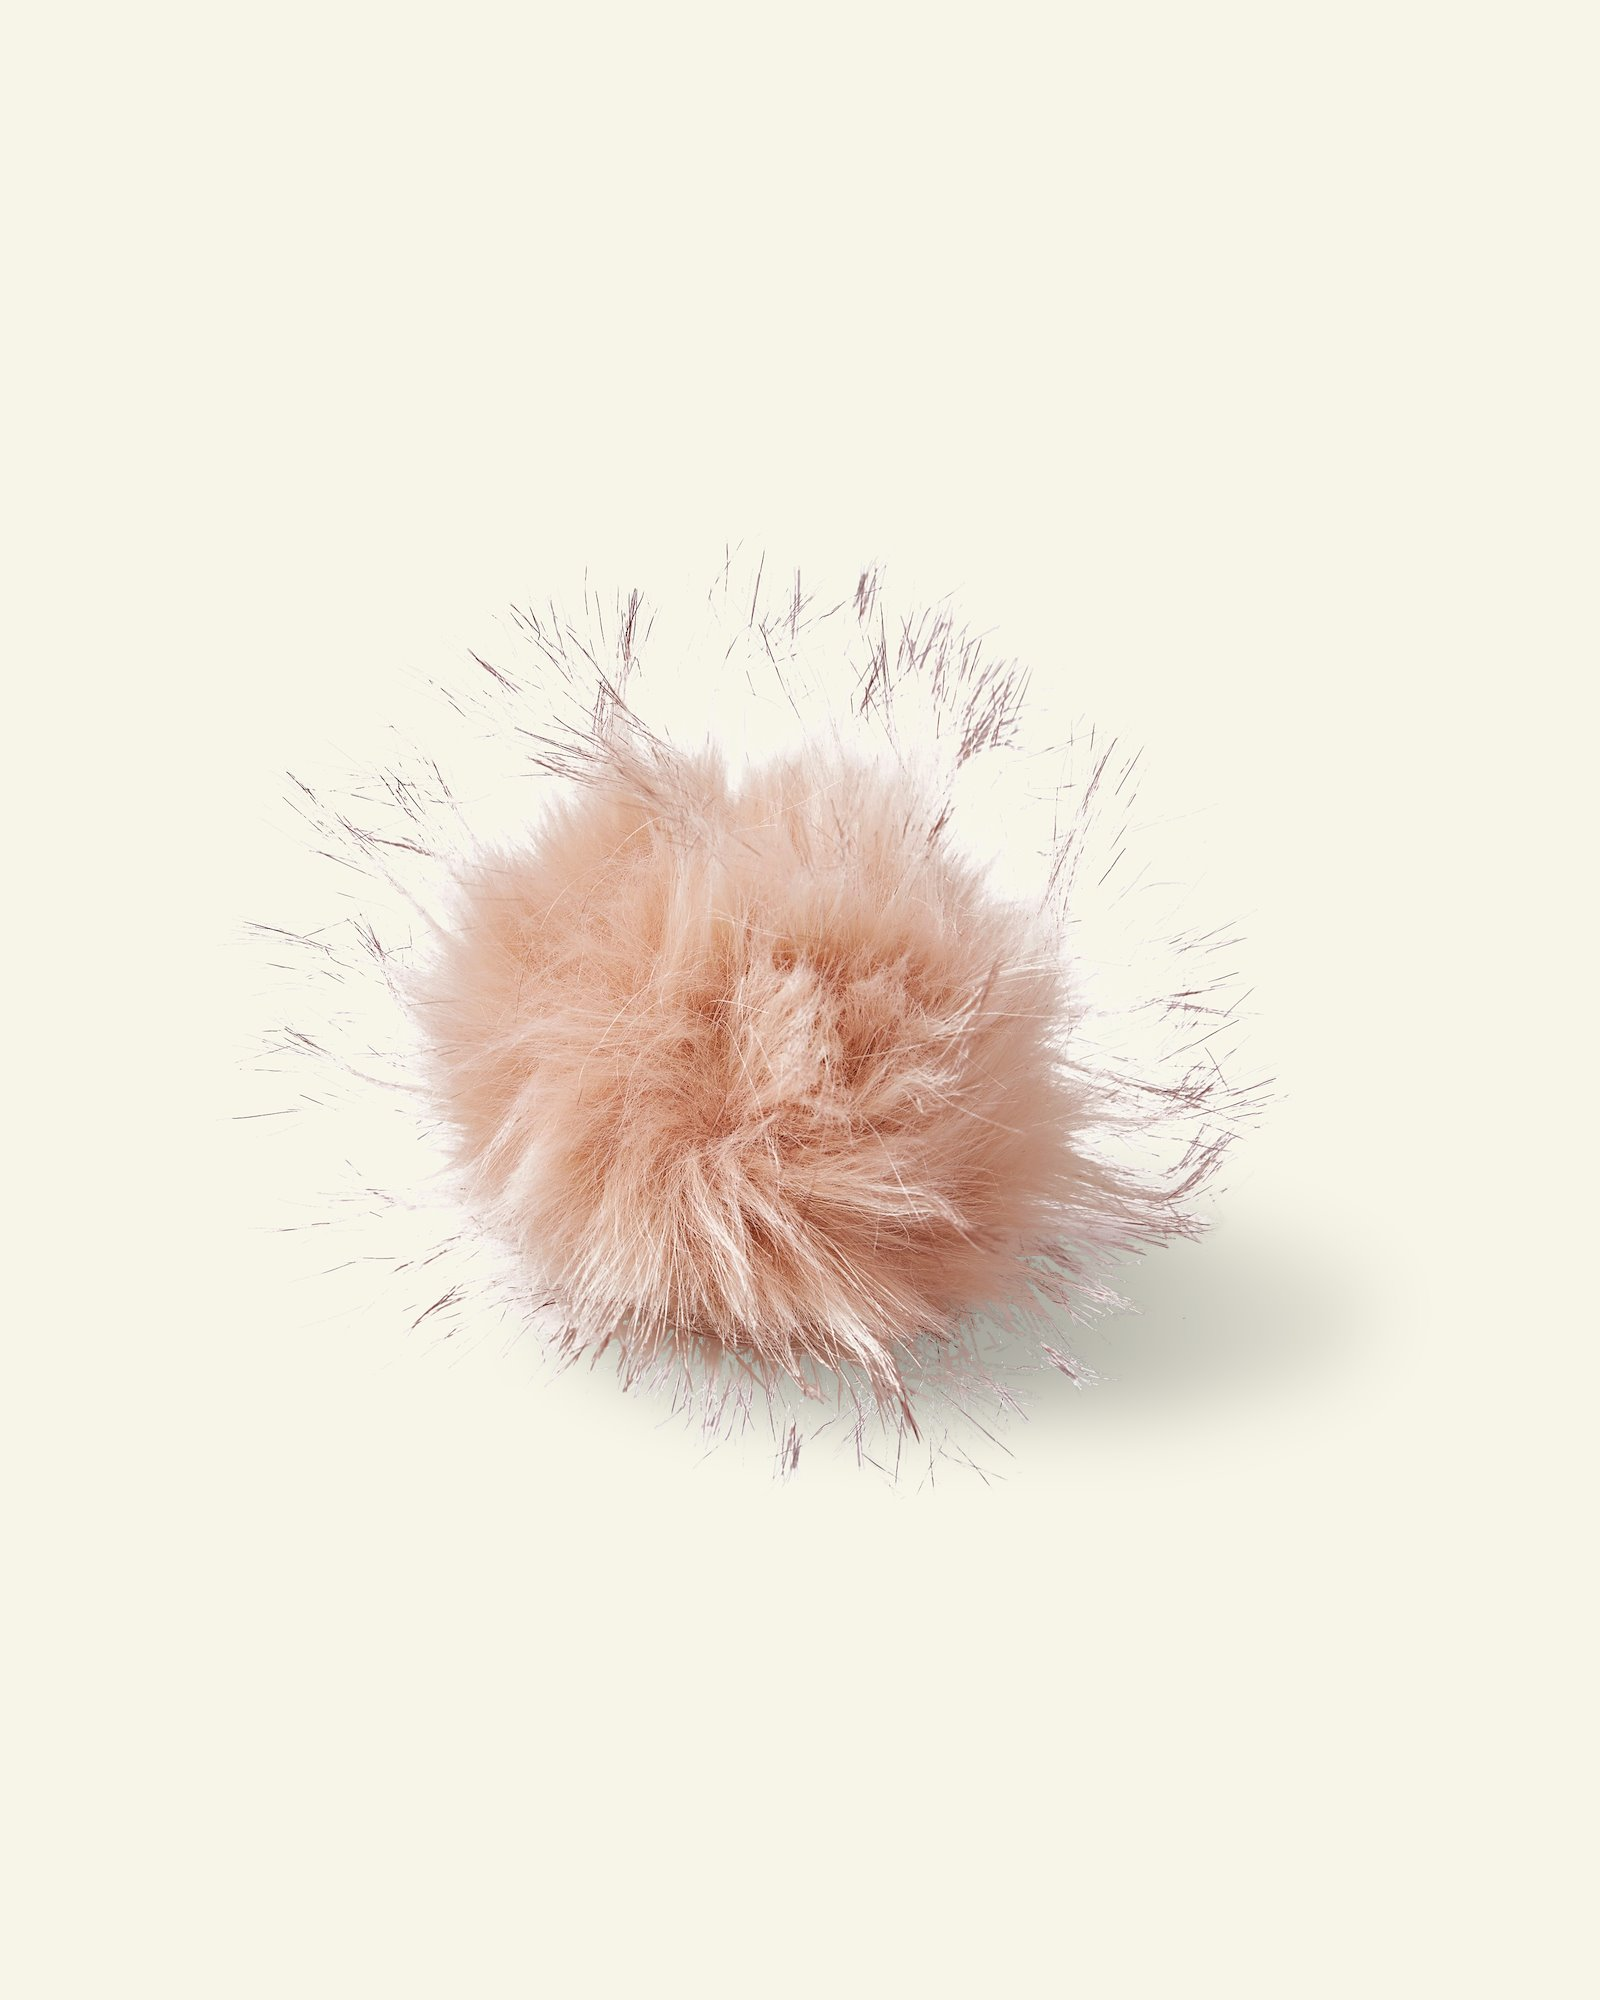 Abnehmb. Pompon 12 cm, Pelzimitat Rosa